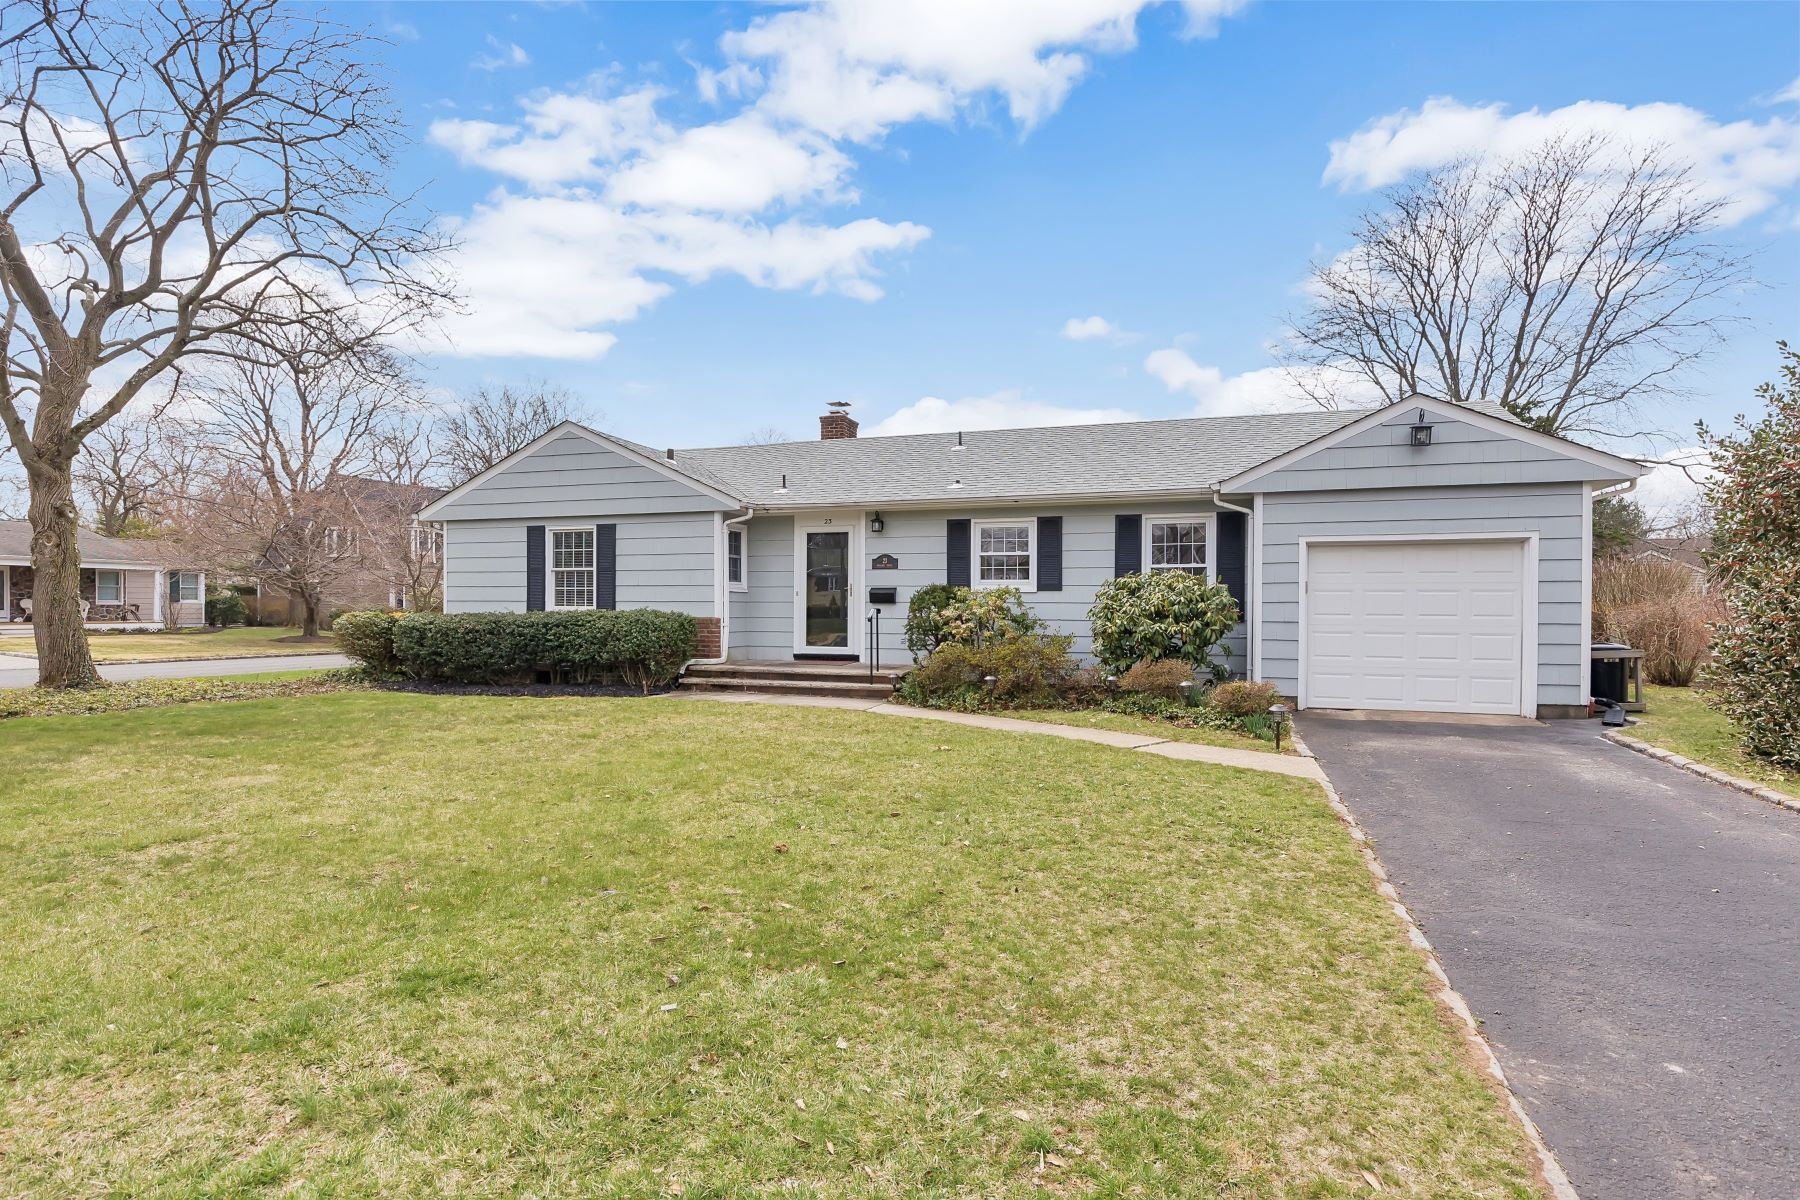 Частный односемейный дом для того Аренда на Sunny, Bright and Easy Living 23 Mohawk Trail, Westfield, Нью-Джерси 07090 Соединенные Штаты